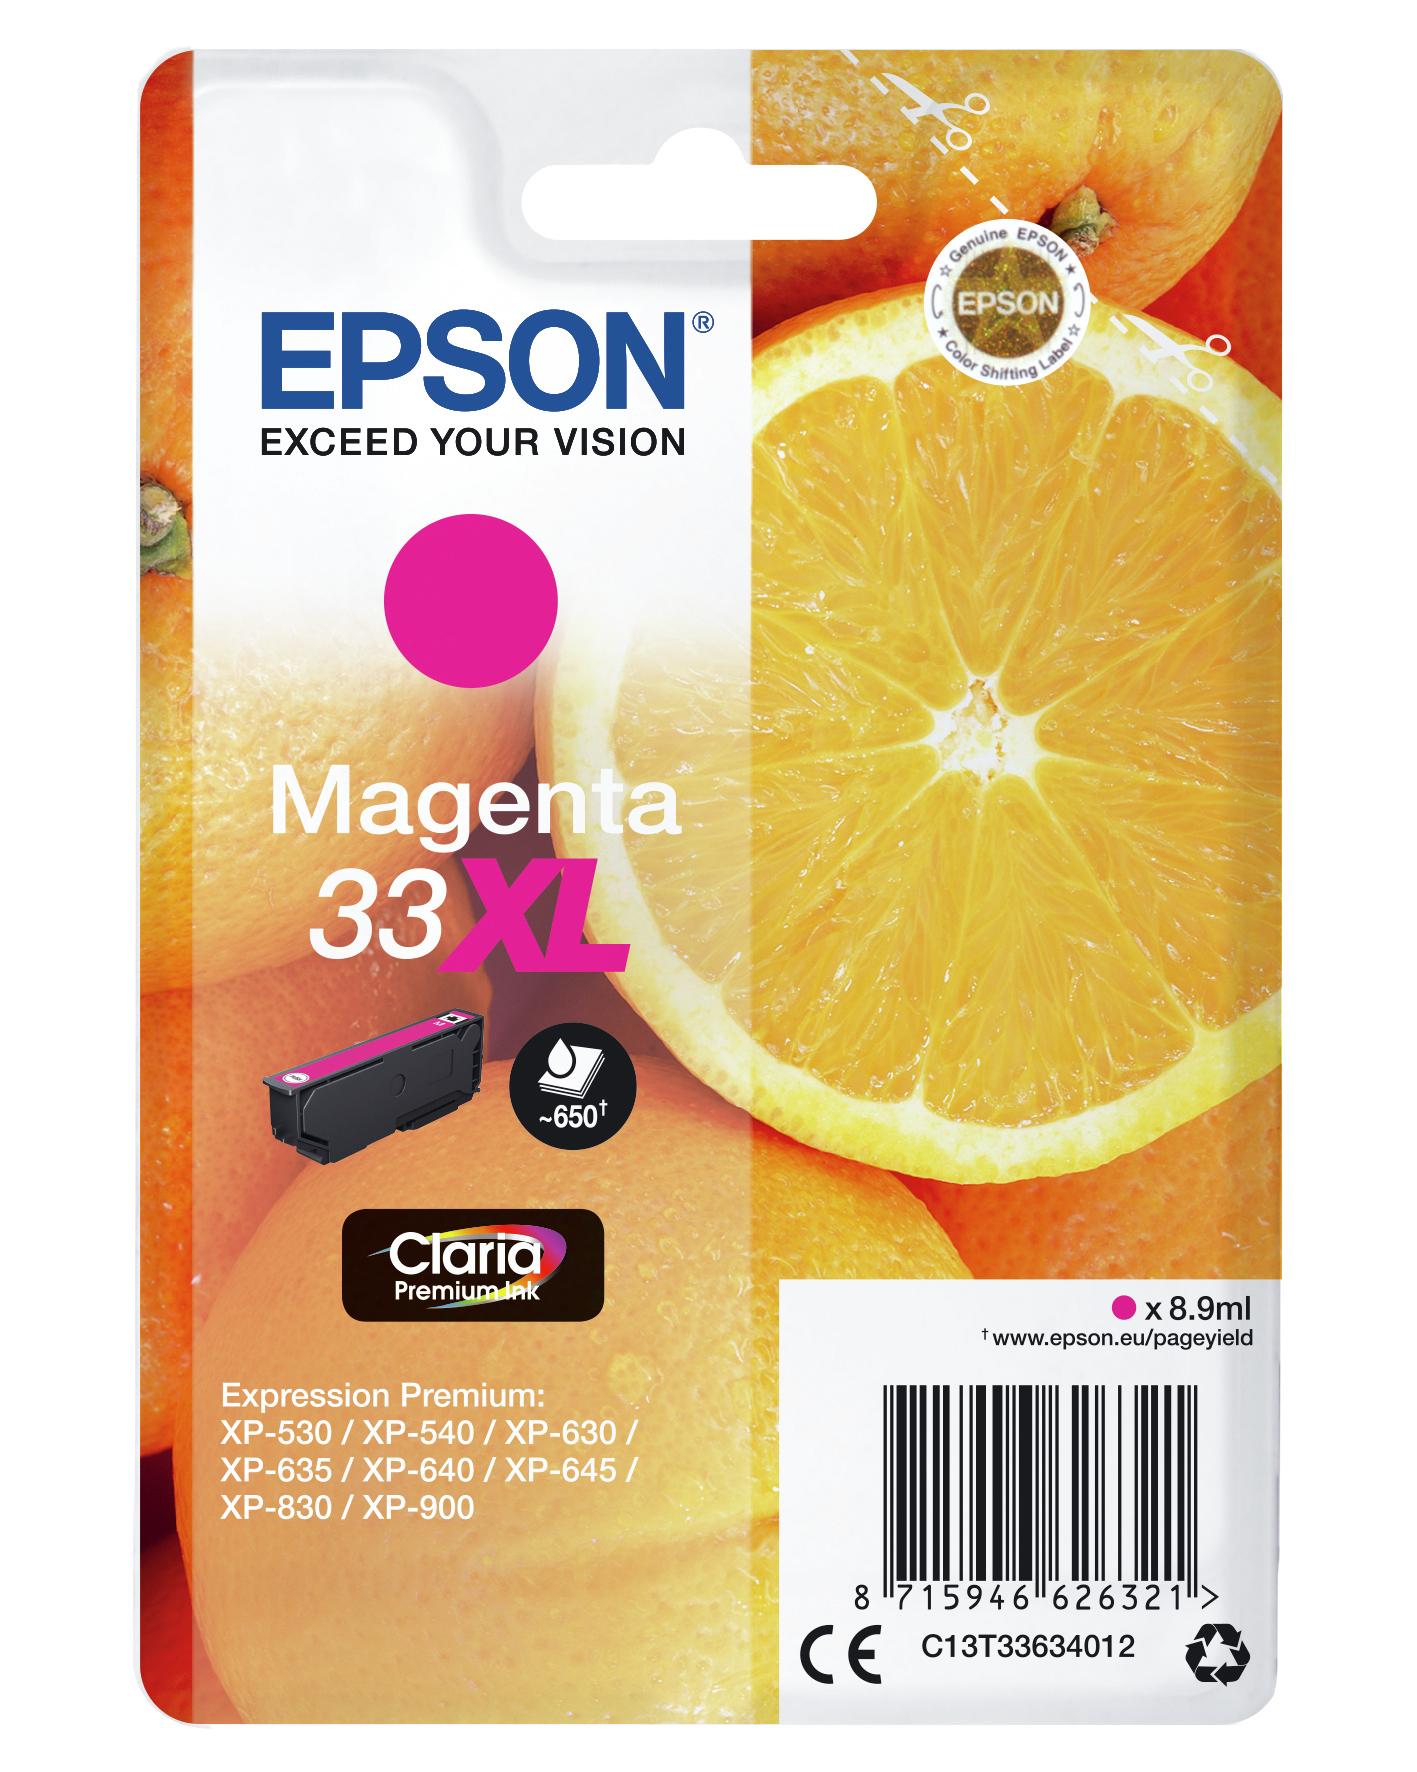 T13363 inkjetcartridge 33XL magenta (650 afdrukken)